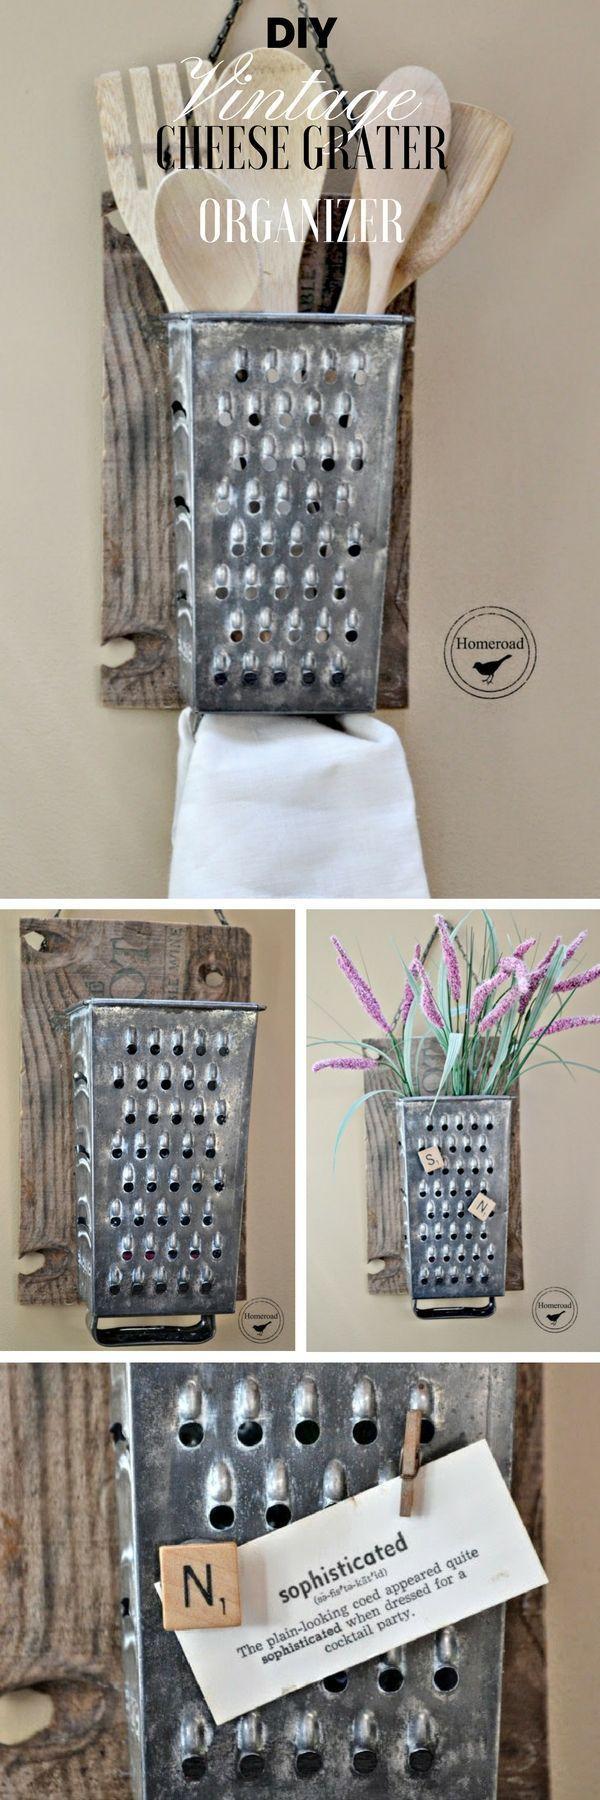 Top 21 fantastische Ideen für eine übersichtliche Küchenarbeitsplatte #Küchenkabinen #Küche